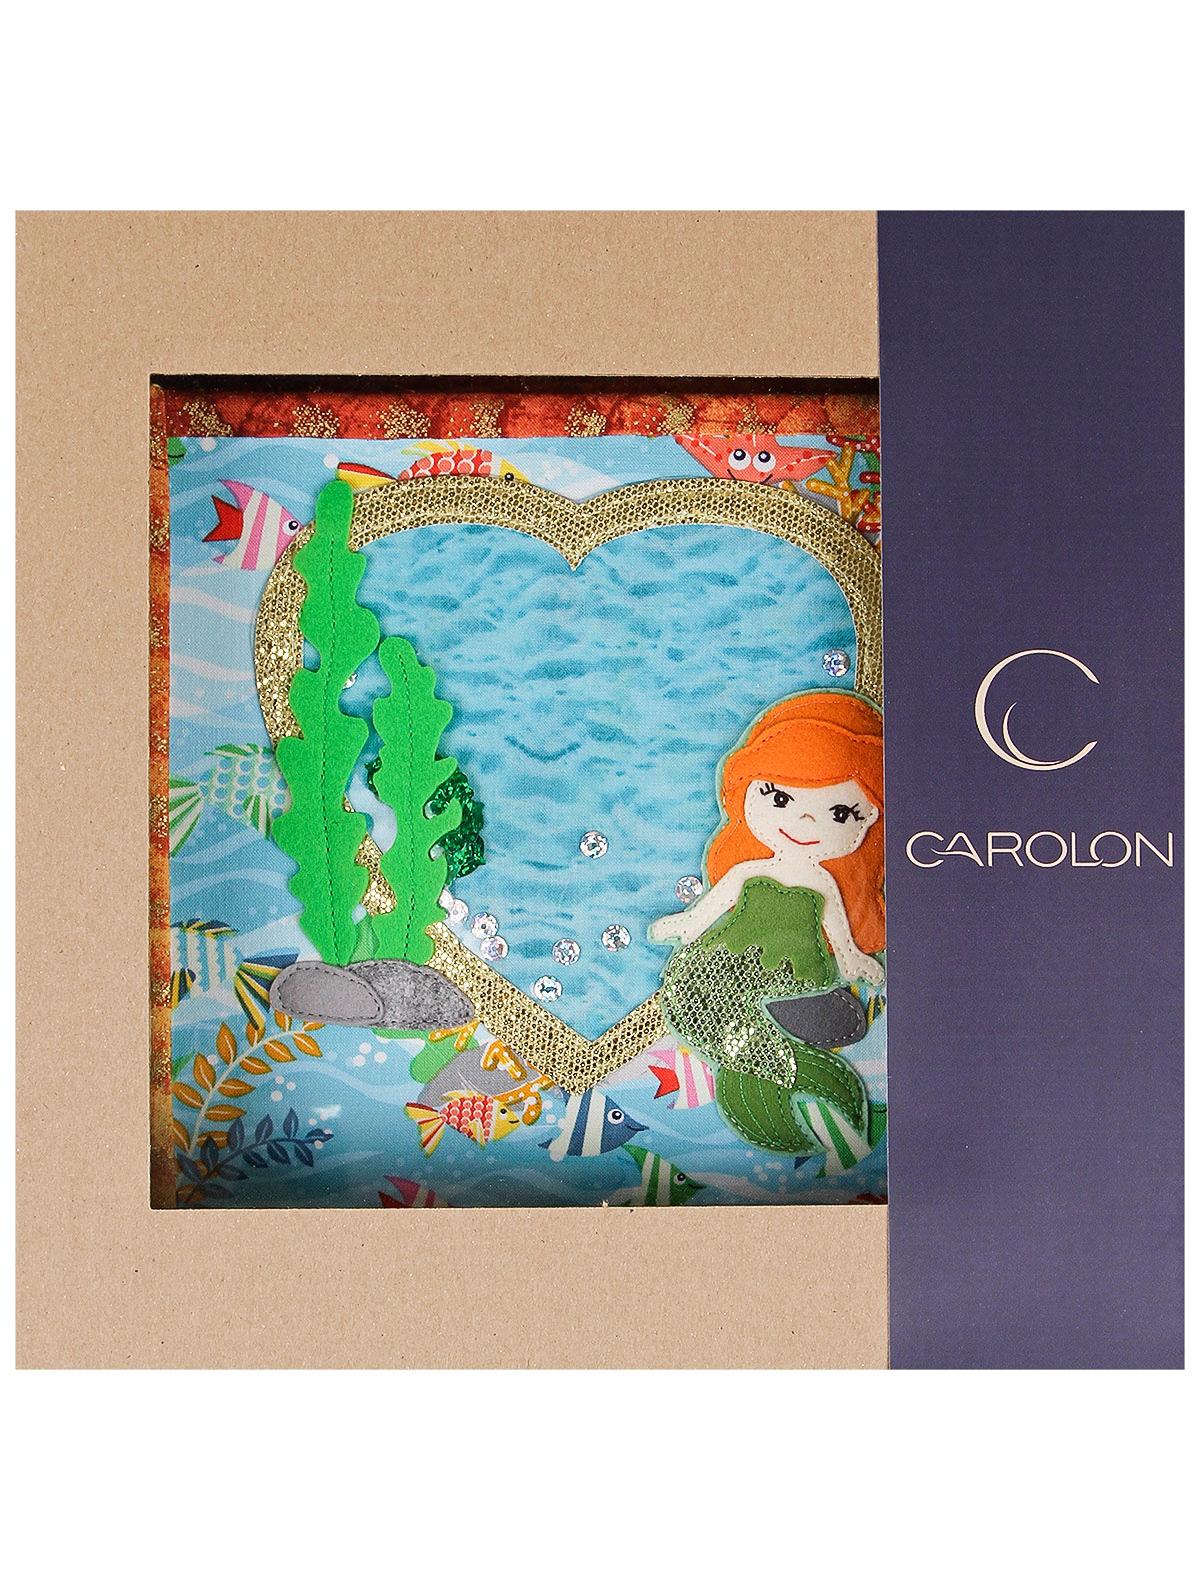 Купить 2213860, Игрушка мягкая Carolon, разноцветный, 7124520070282